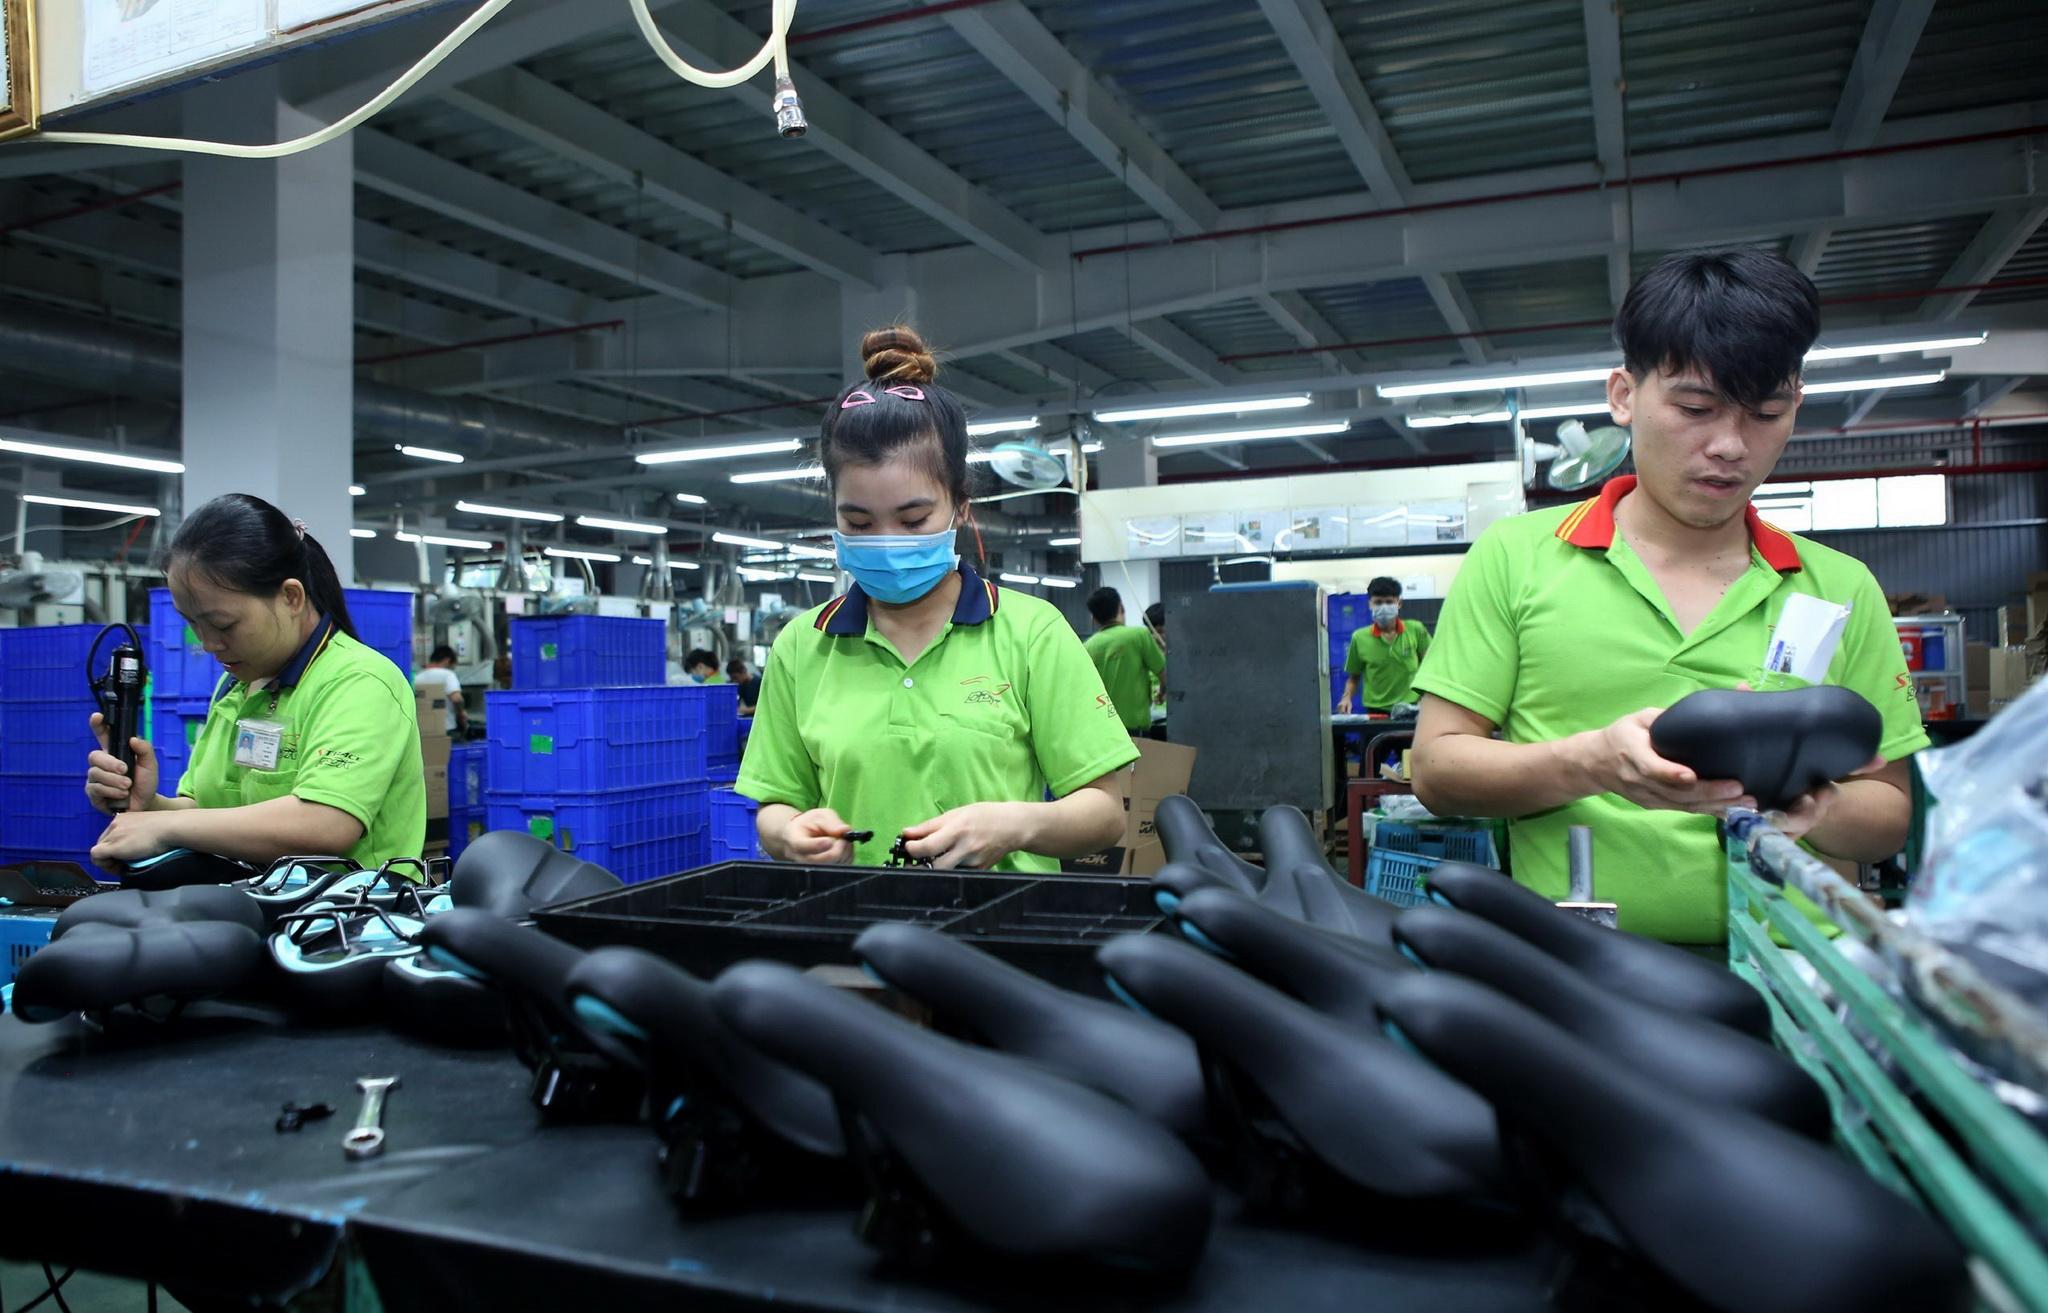 Dây chuyền sản xuất yên xe đạp xuất khẩu tại một doanh nghiệp cóvốn đầu tư của Đài Loan (Trung Quốc). (Ảnh: Danh Lam/TTXVN)